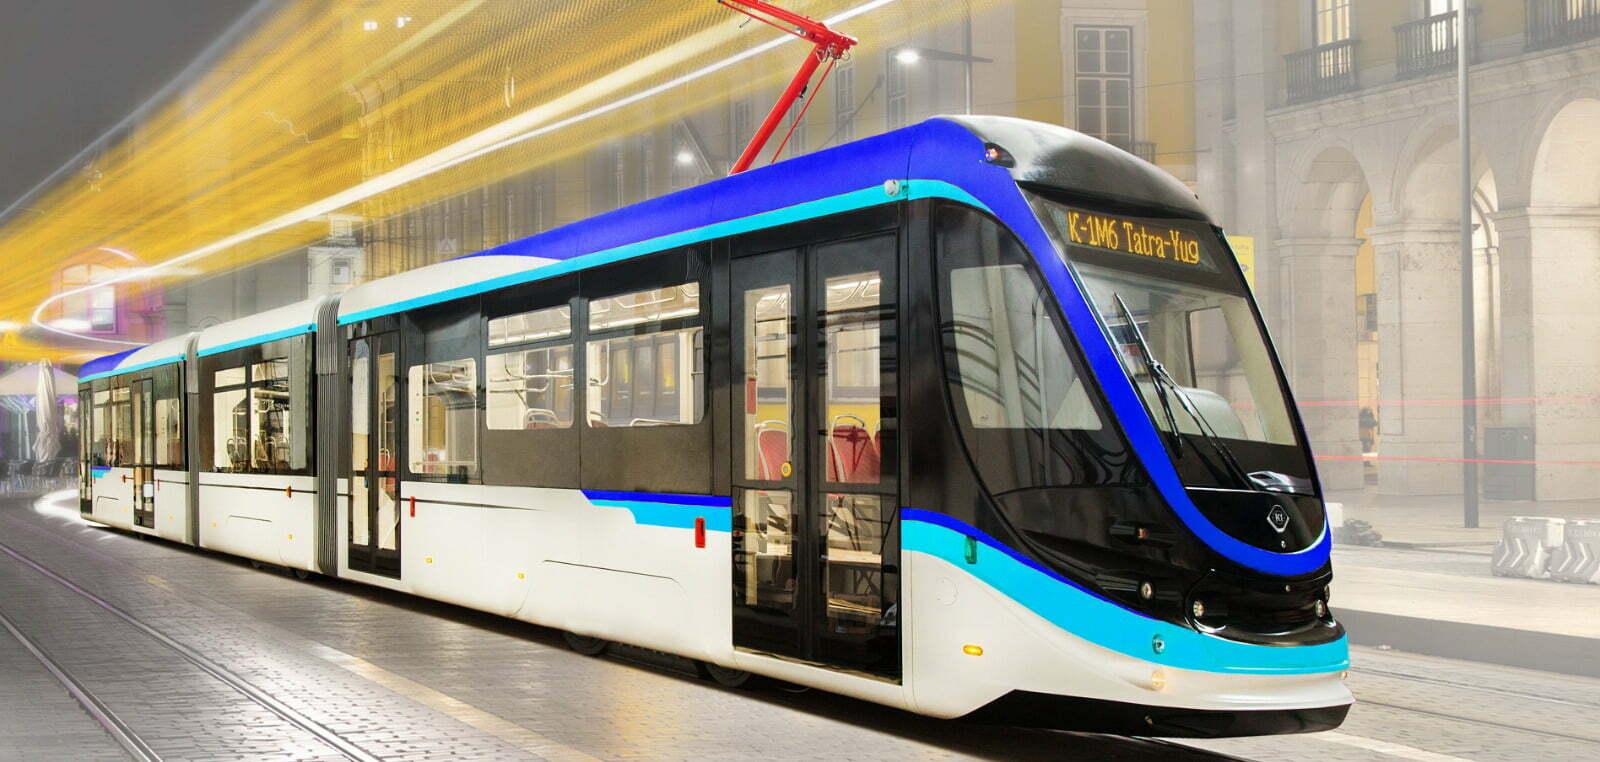 Tramvaie și autobuze noi în Craiova, din fonduri europene